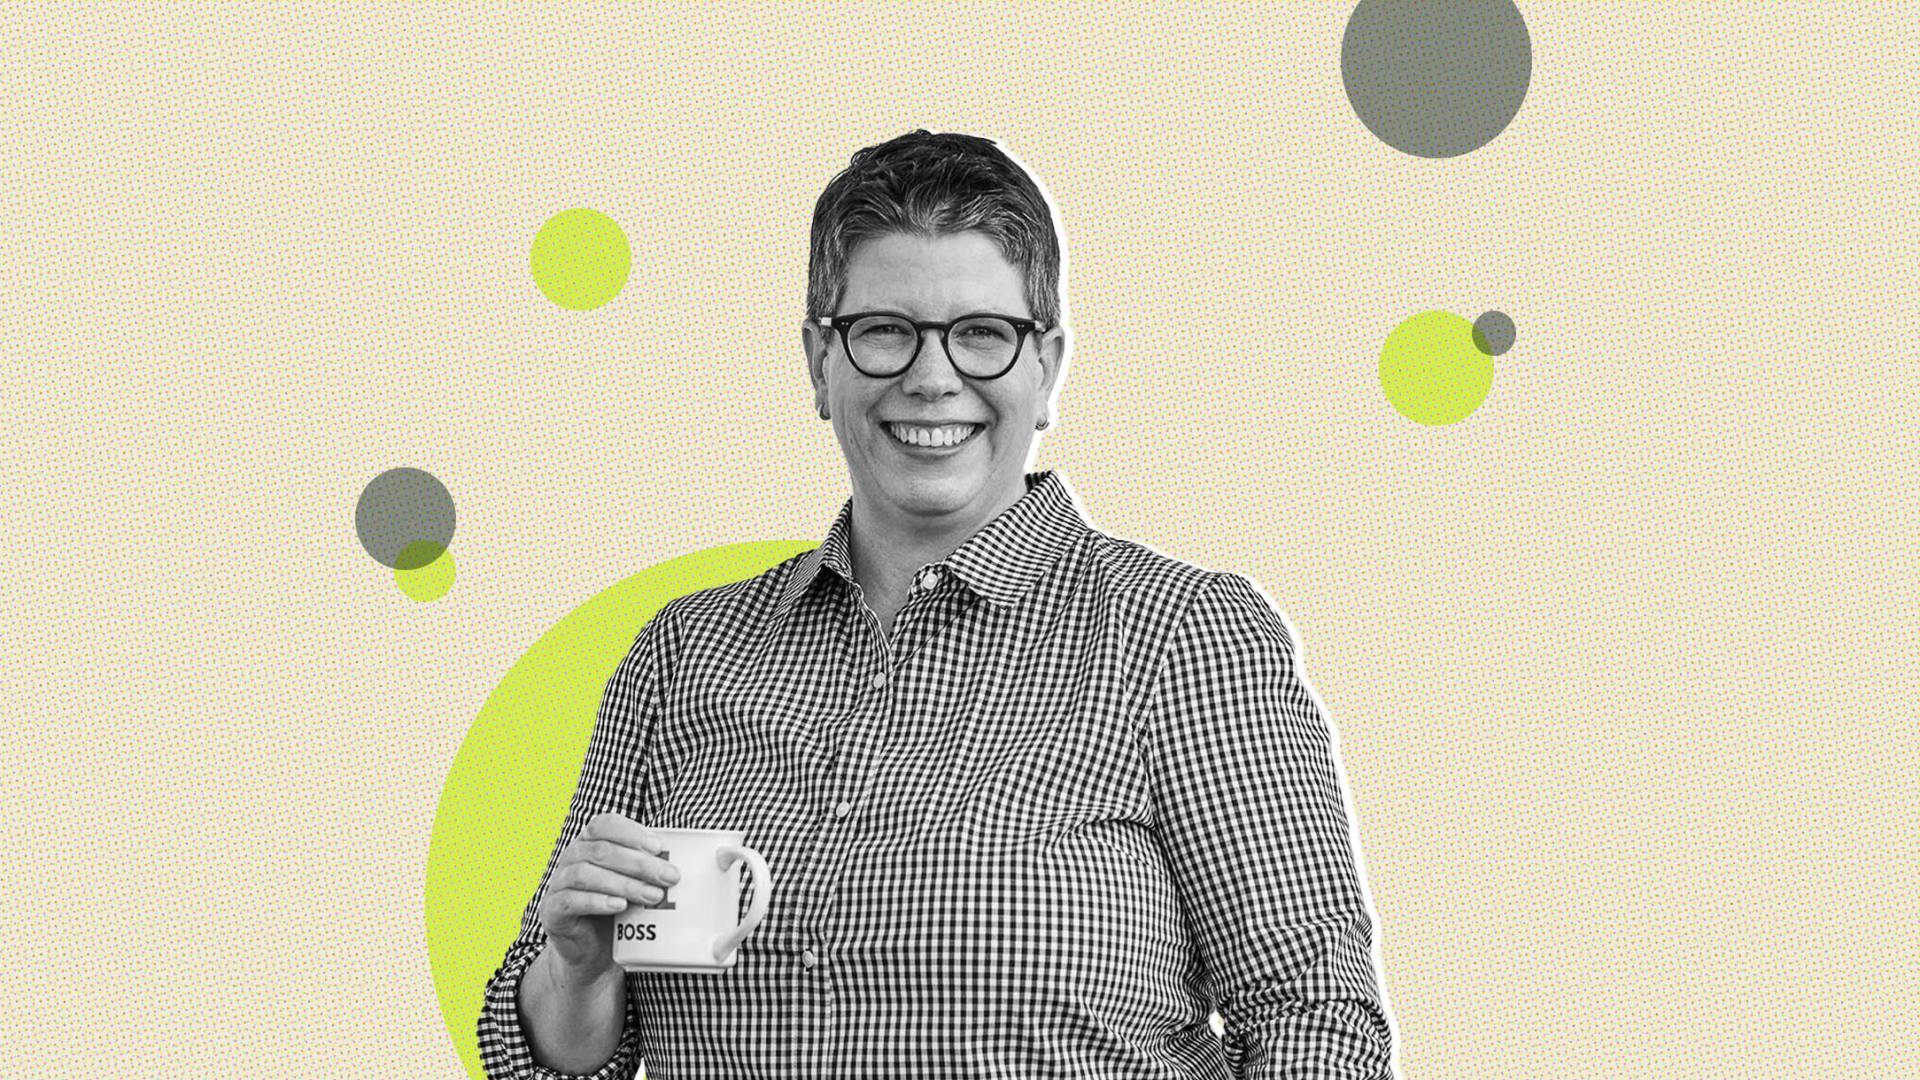 Từ một tập thể lập dị, Peace Coffee trở thành doanh nghiệp trị giá 10 triệu đô nổi tiếng ở Mỹ nhờ chiến lược xây dựng thương hiệu đặc biệt này - Ảnh 1.